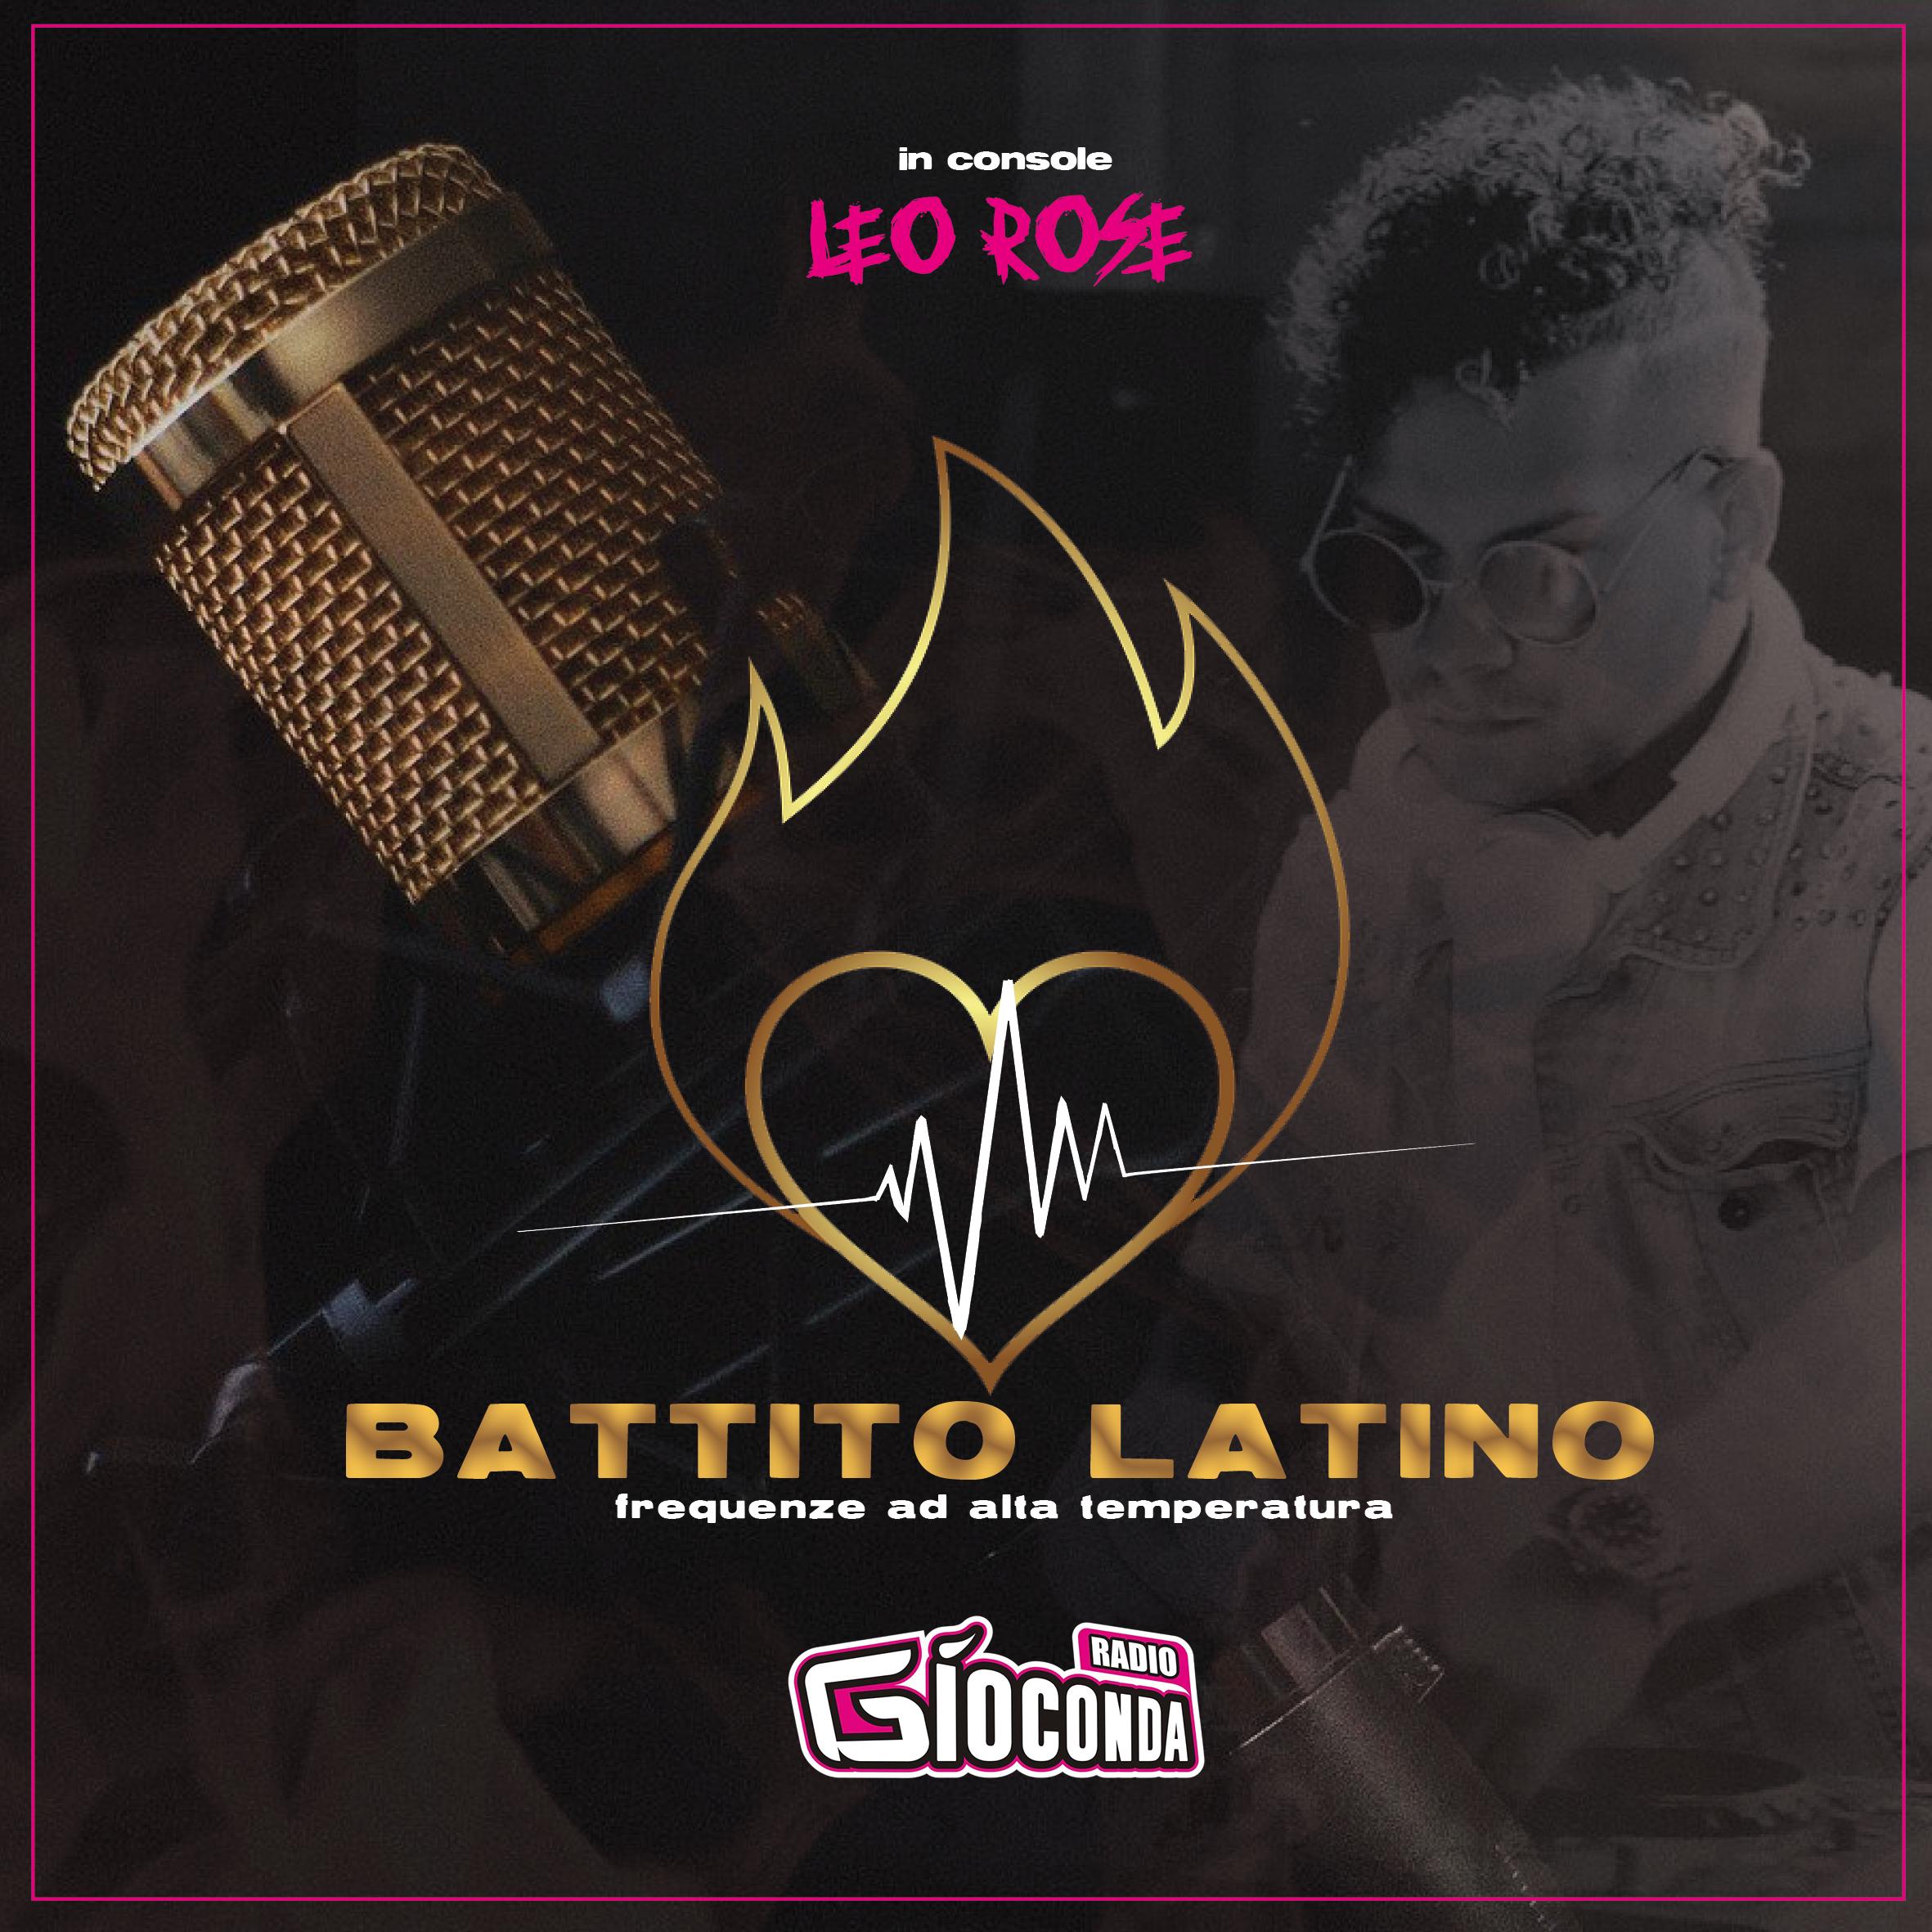 Battito Latino su Radio Gioconda con Leo Rose D